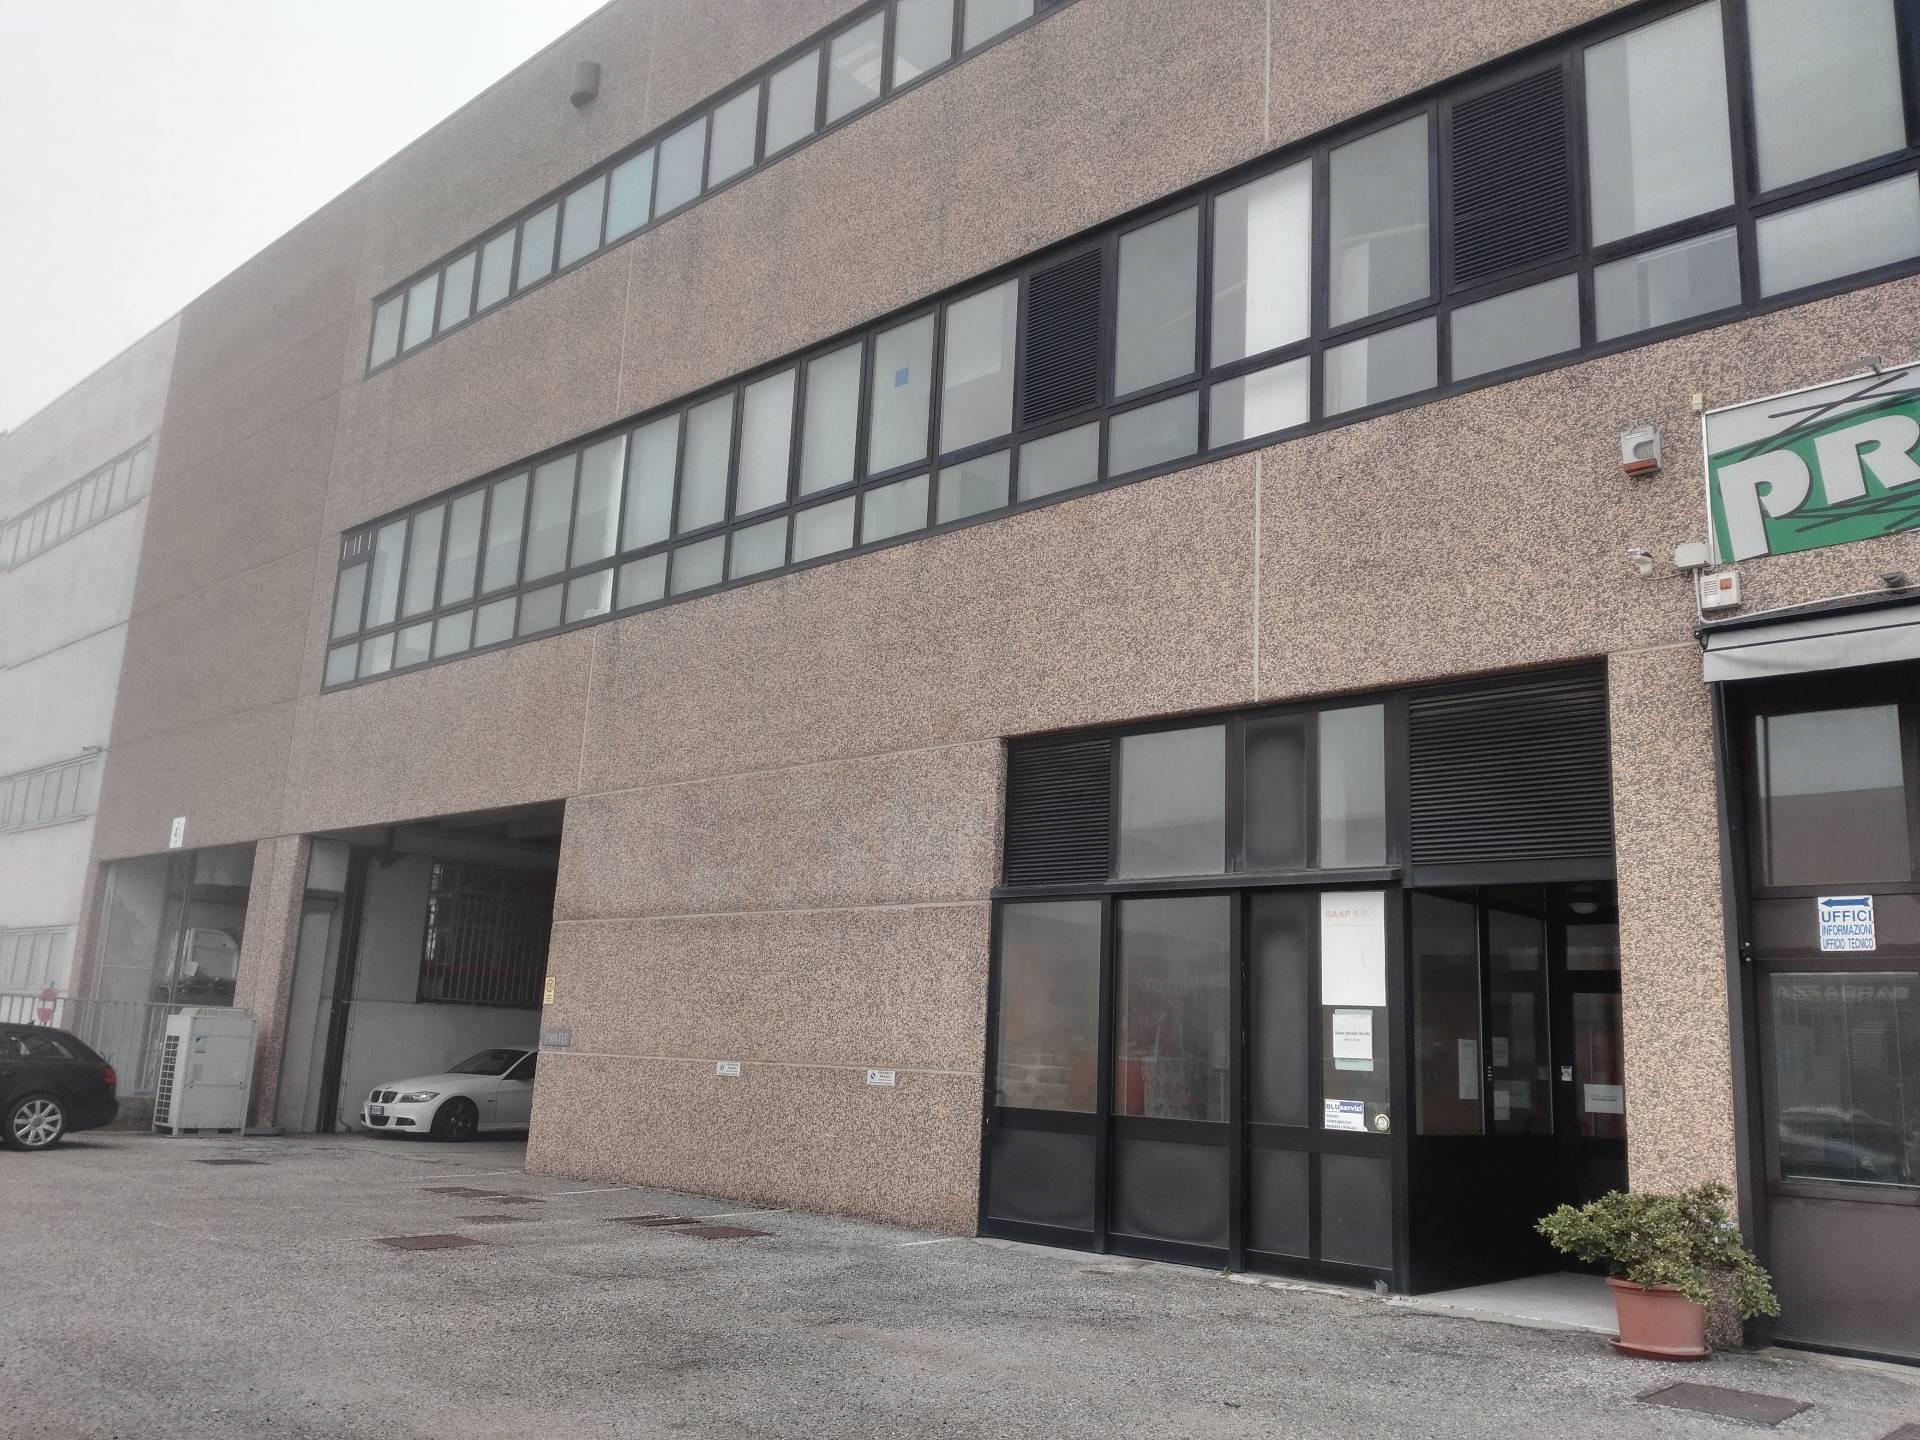 Capannone in vendita a Mogliano Veneto, 9999 locali, prezzo € 170.000 | CambioCasa.it